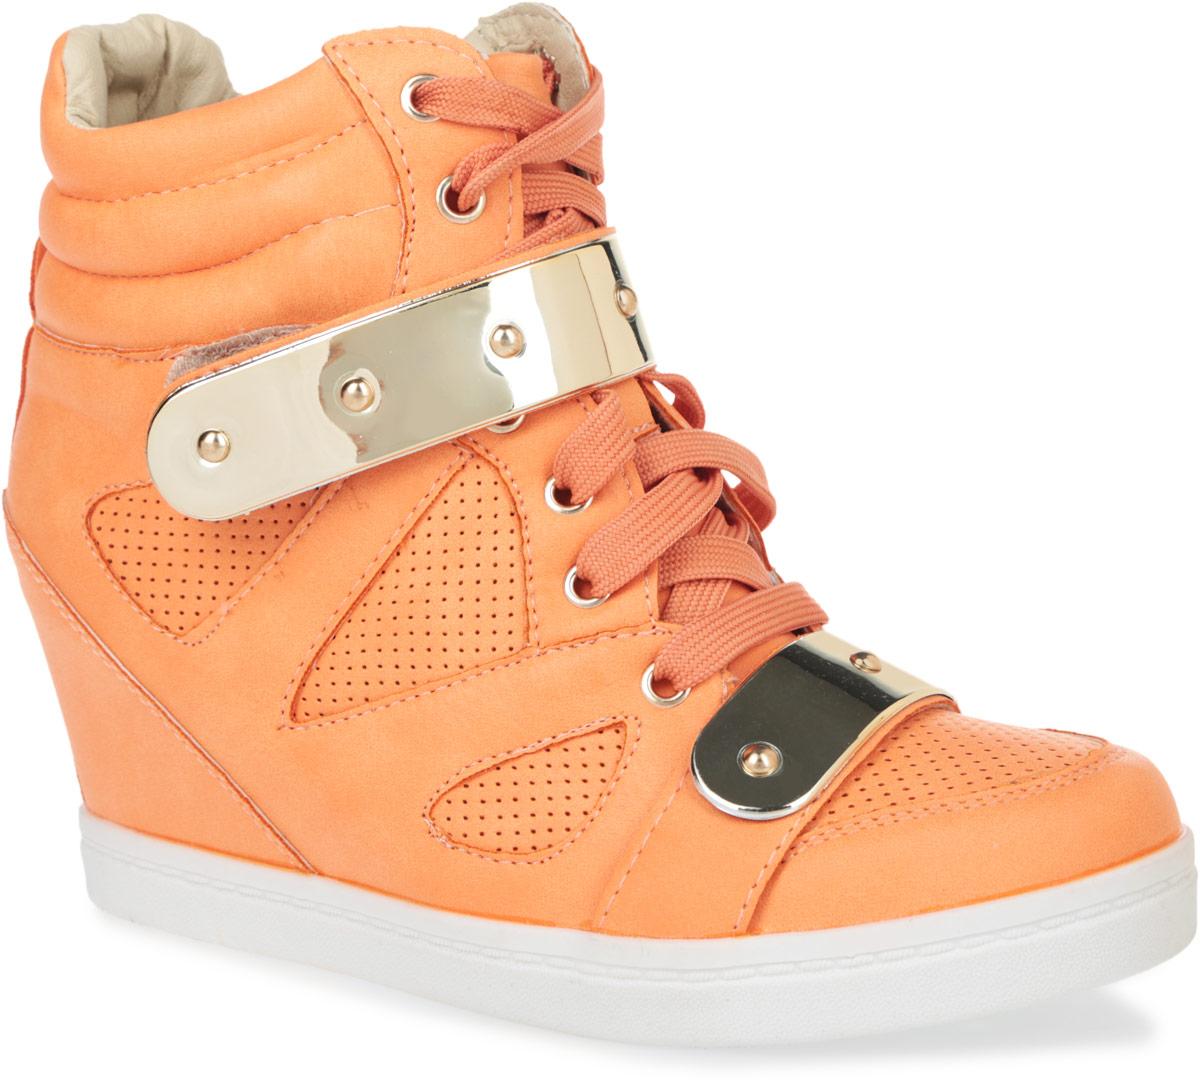 9150-03/BLACKСтильные женские сникерсы Burlesque заинтересуют вас своим дизайном с первого взгляда. Модель выполнена из искусственной кожи, декорированной легкой перфорацией. Внутри изделие выполнено из текстиля с верхней отделкой из искусственной кожи. По канту сникерсы дополнены горизонтальной строчкой. Верх обуви оформлен шнуровкой и ремешком на застежке-липучке, которые надежно зафиксируют обувь на ноге и отрегулируют объем. Стелька выполнена из ЭВА материала с покрытием из искусственной кожи. Область подъема и голенище украшены пластинами с имитацией под металл. Танкетка умеренной высоты - устойчива. Подошва из полимерного термопластичного материала с рельефным протектором обеспечивает отличное сцепление с любой поверхностью. В этих сникерсах вашим ногам будет комфортно и уютно. Они подчеркнут ваш стиль и индивидуальность.